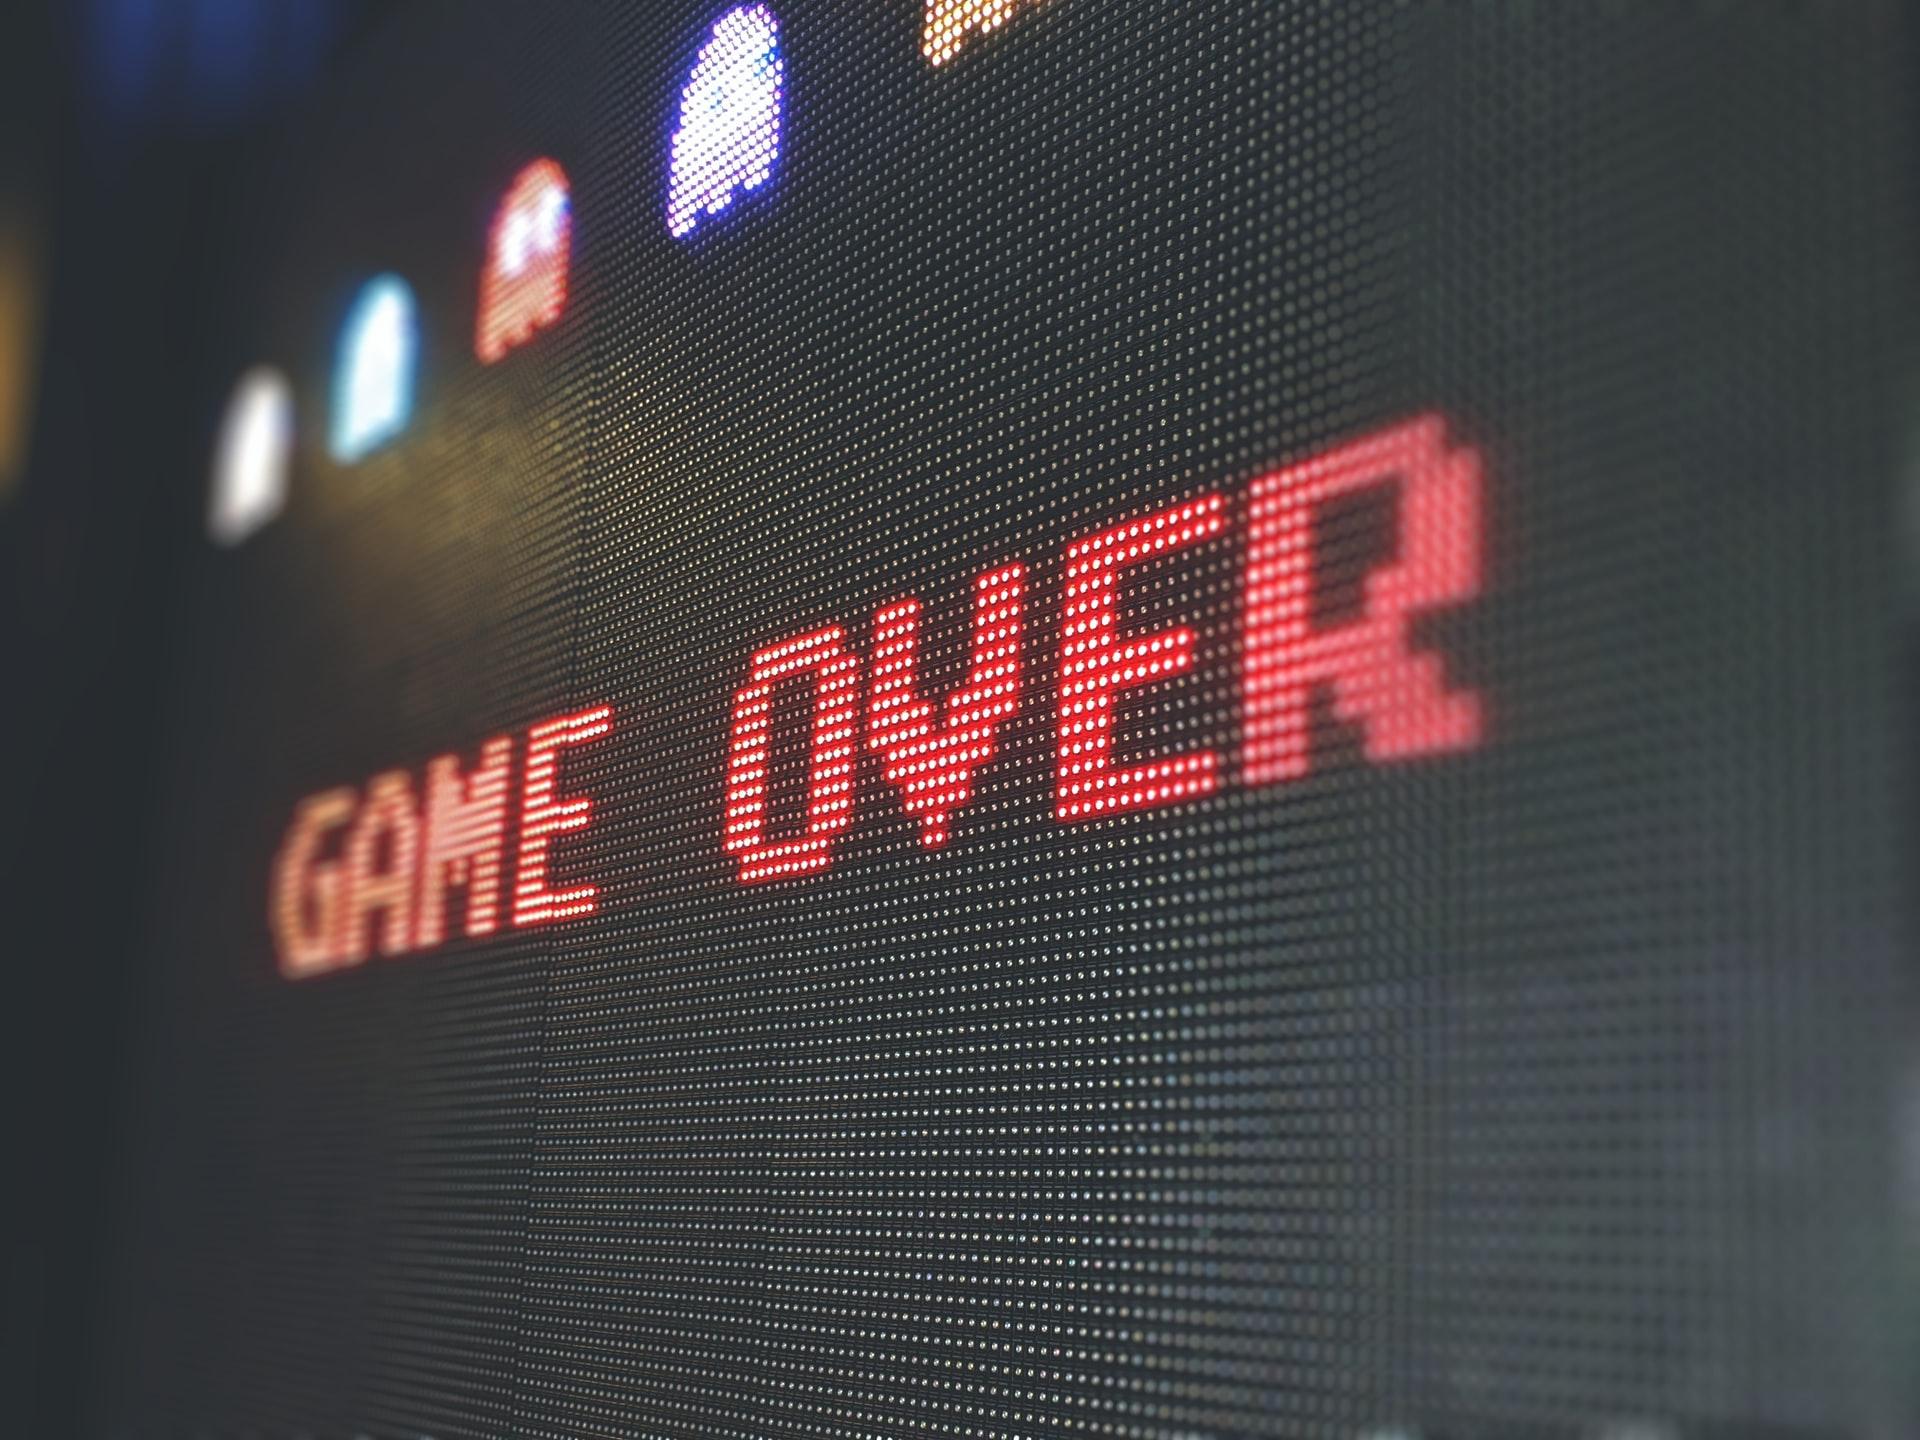 Nevjerojatna zabrana u jednoj od većih zemalja: Maloljetnici će videoigre smjeti igrati određen broj sati